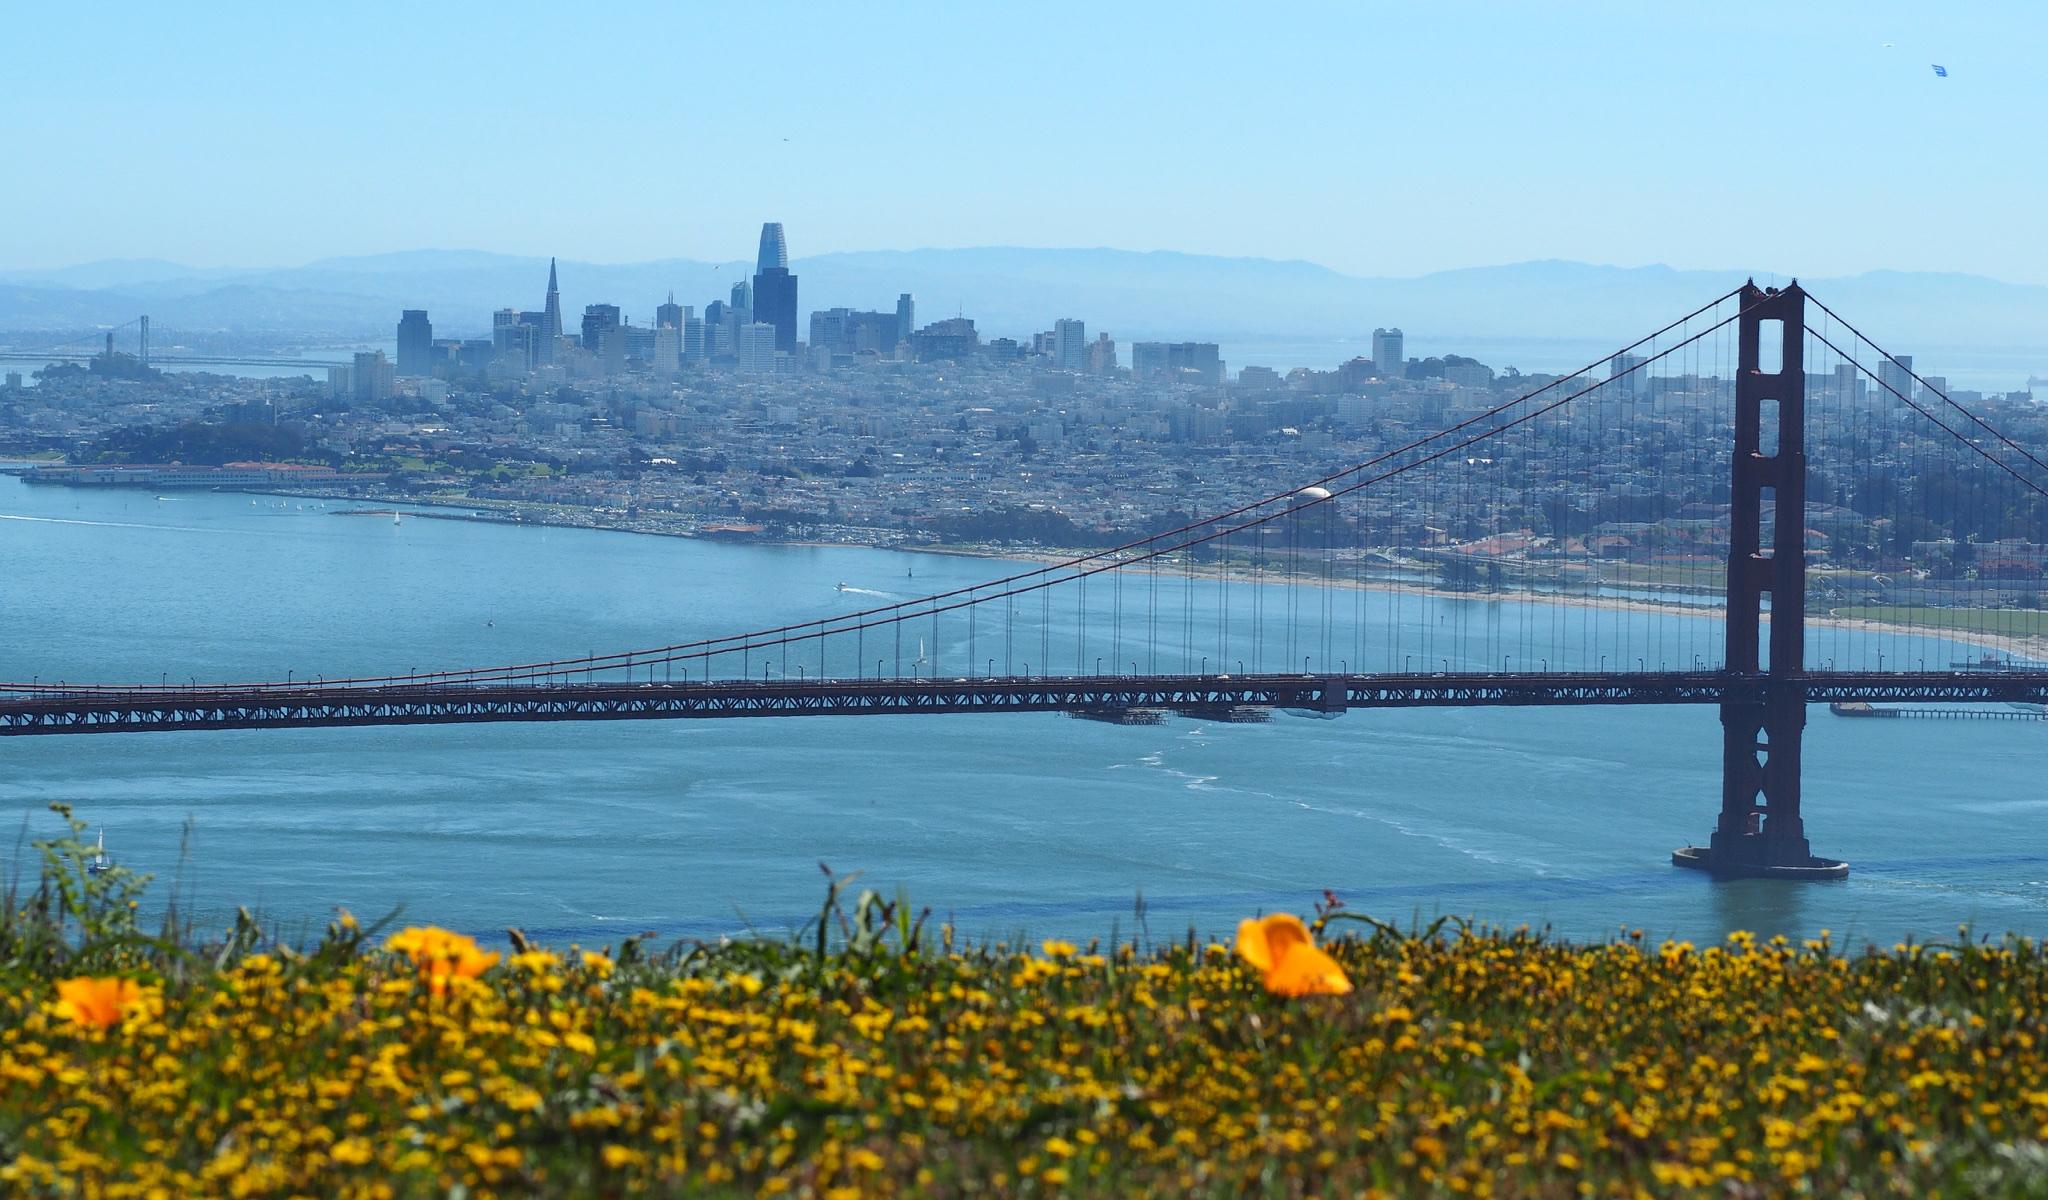 Hình ảnh đẹp về thành phố